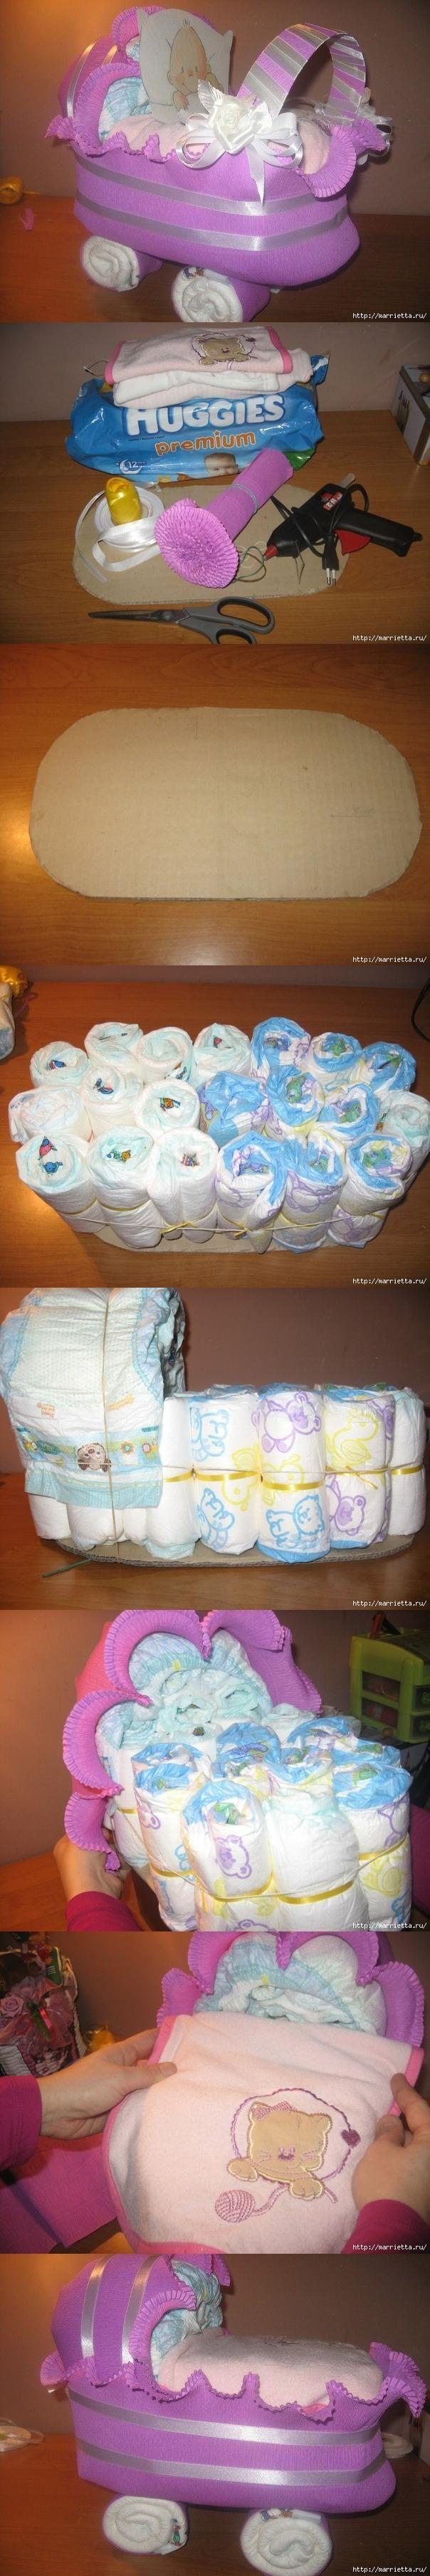 DIY Diaper Newborn Carrier